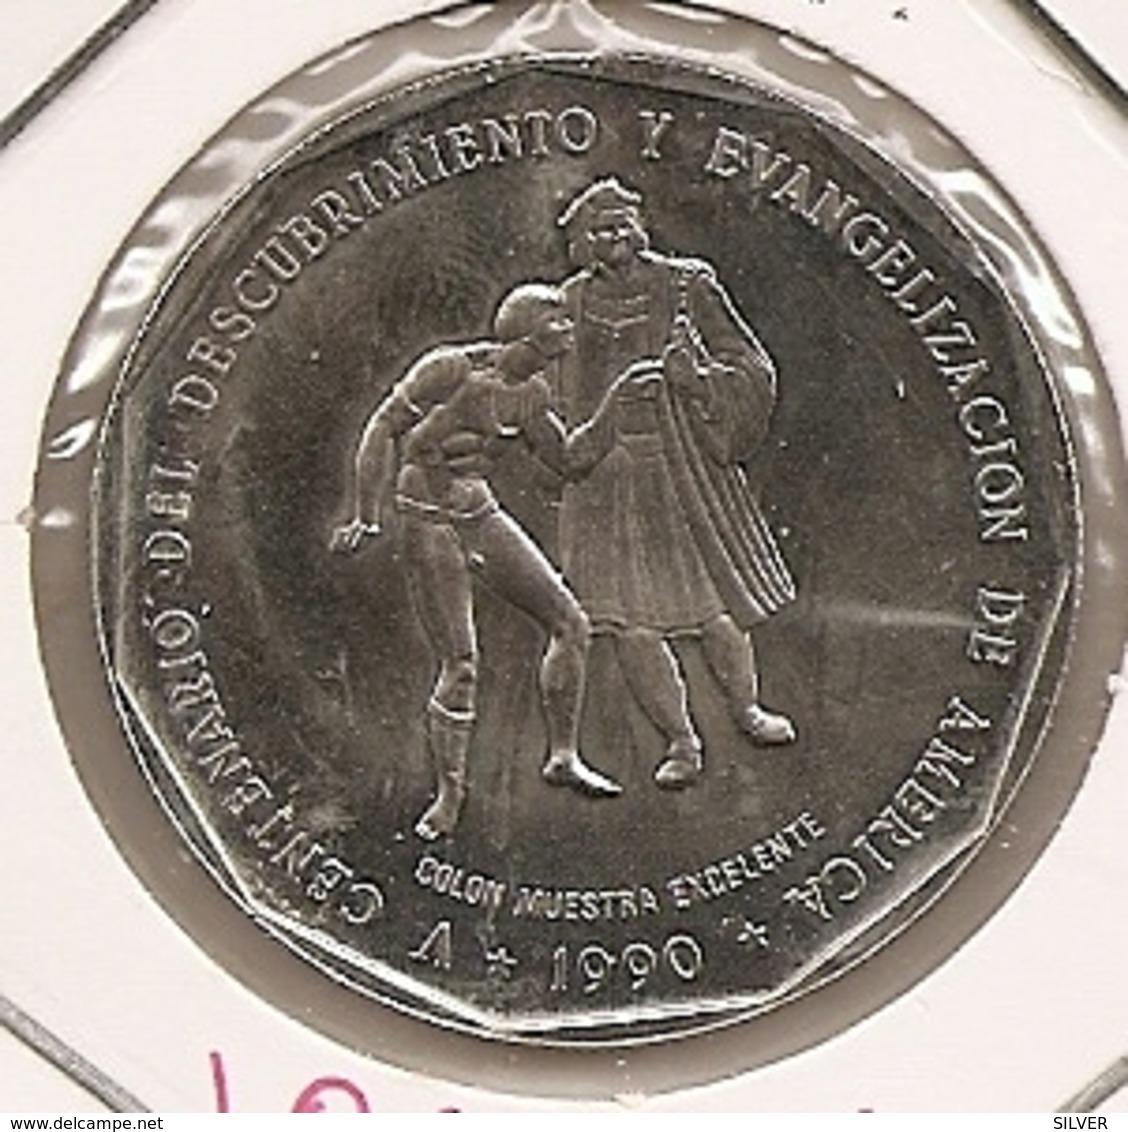 DOMINICAINE REPUBLIQUE 1 PESO 1990 RARO RARE MINTAGE 30 000 - Dominicaine